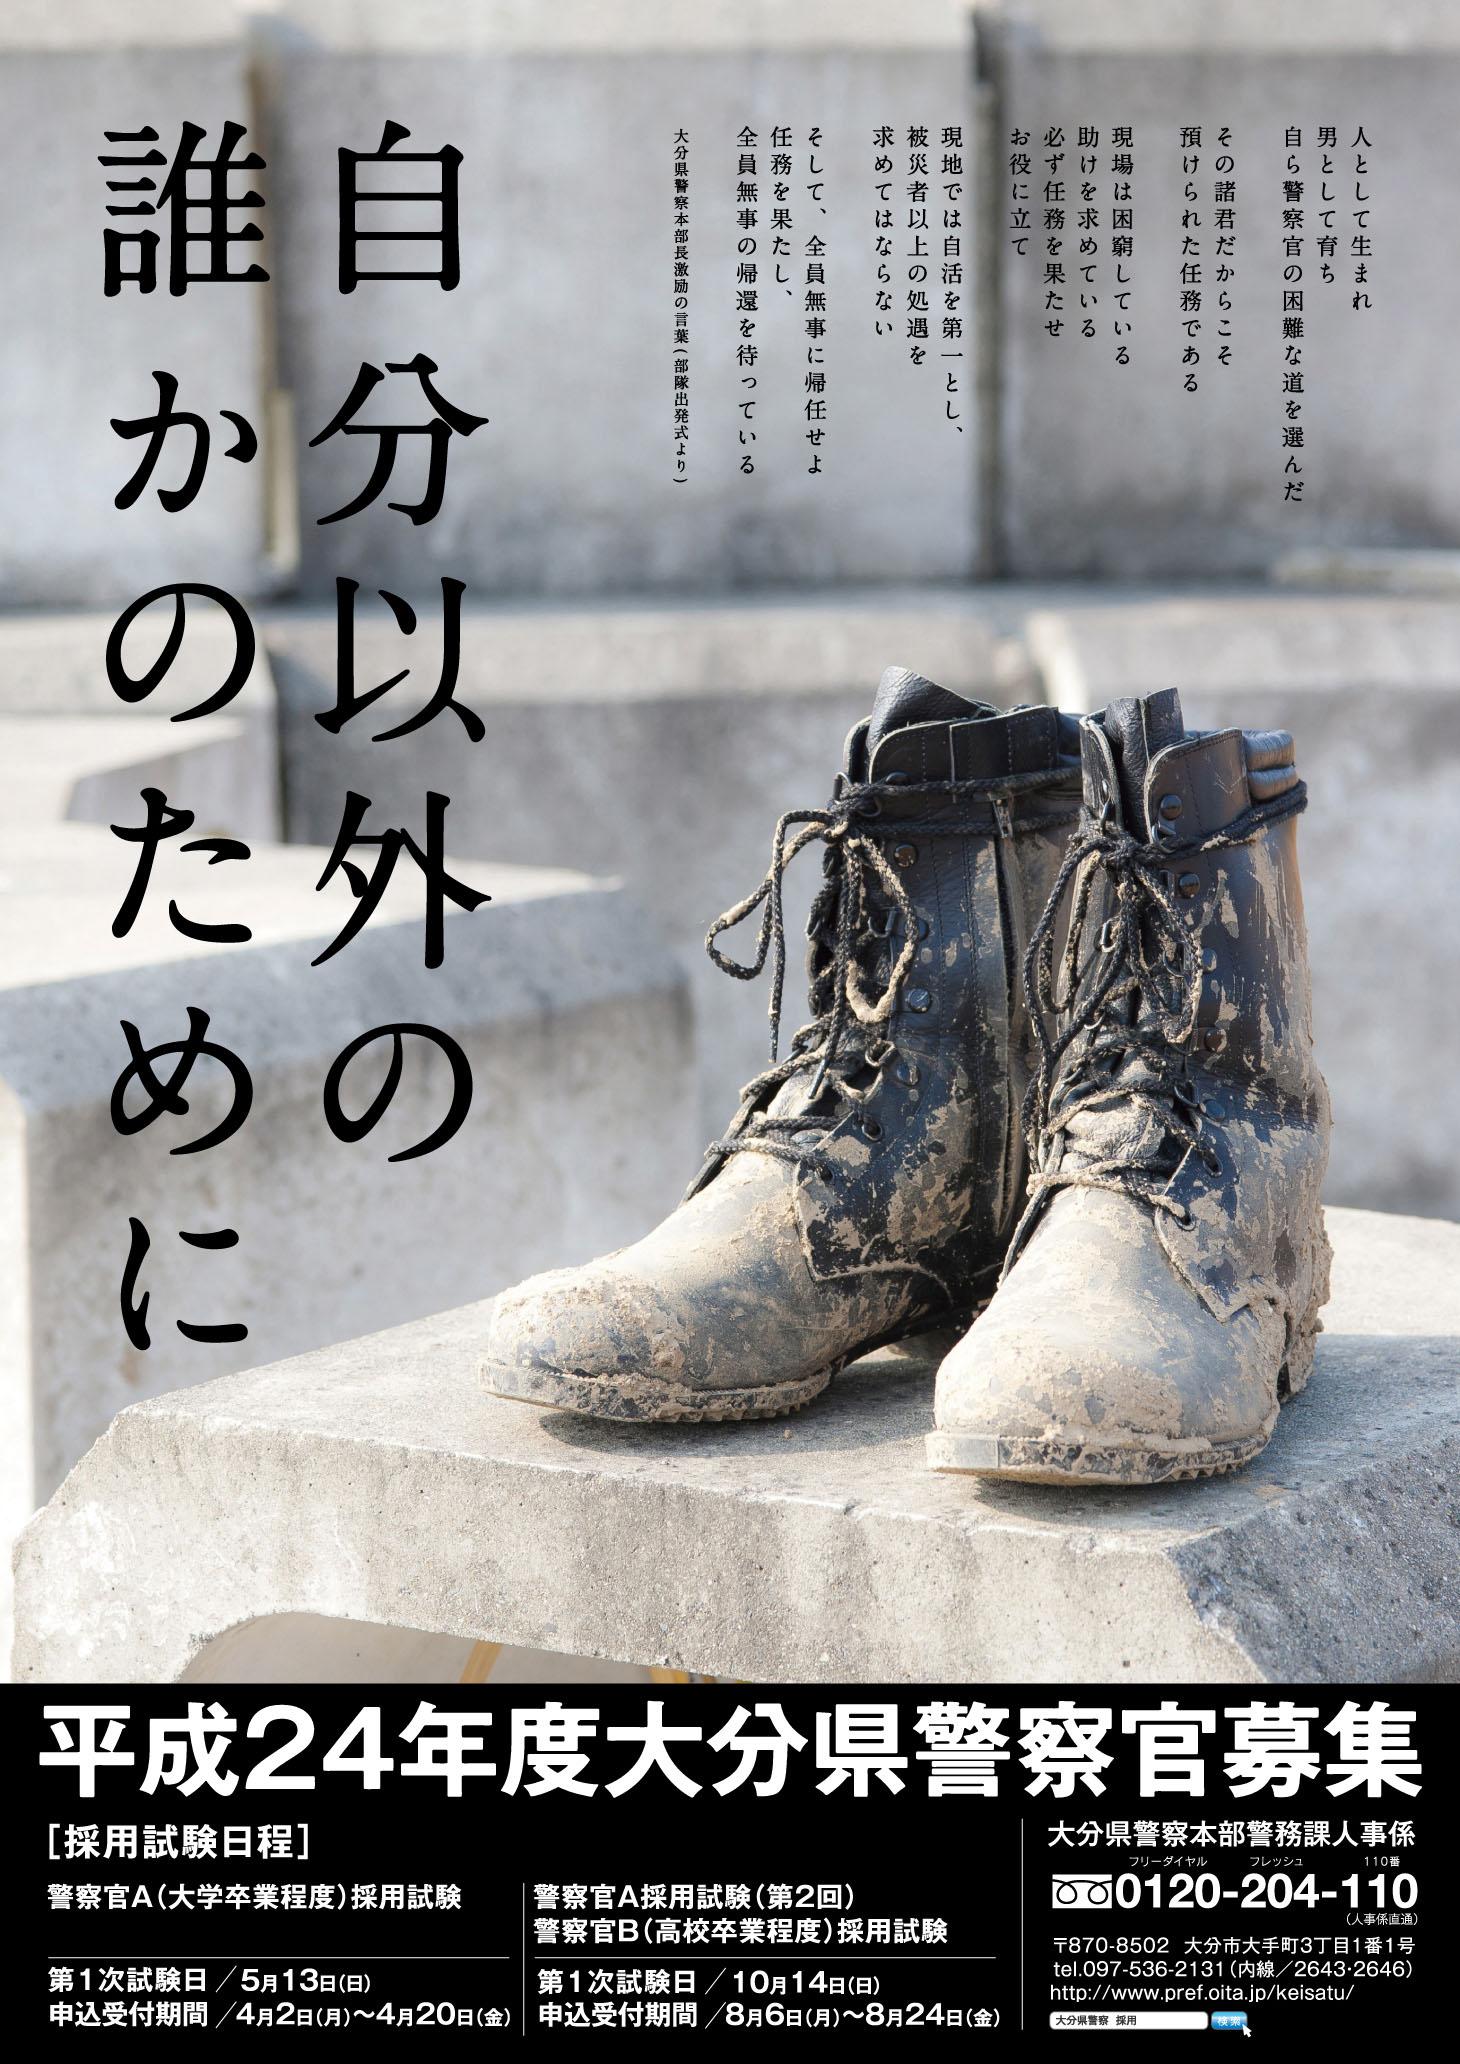 大分県警 平成24年度警察官採用募集ポスター